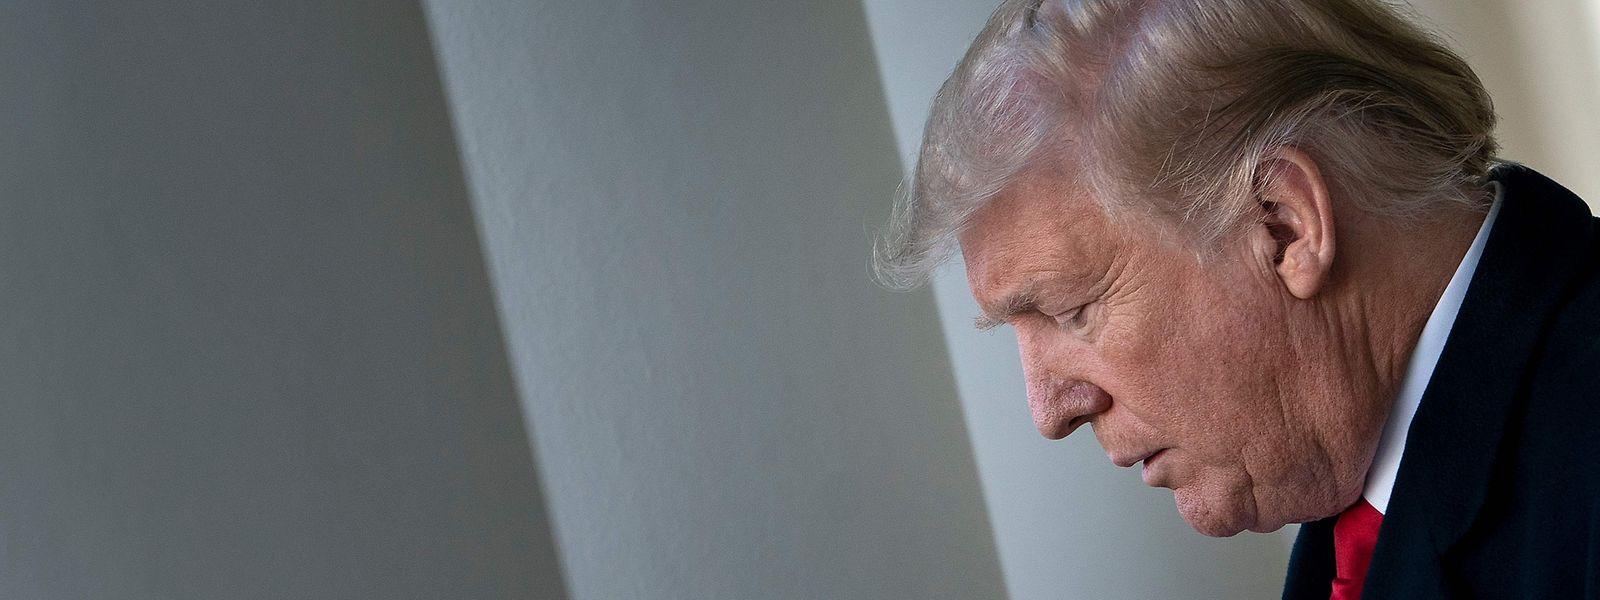 """Der """"Shutdown"""" bedeutet für Präsident Trump auch eine persönliche Niederlage."""